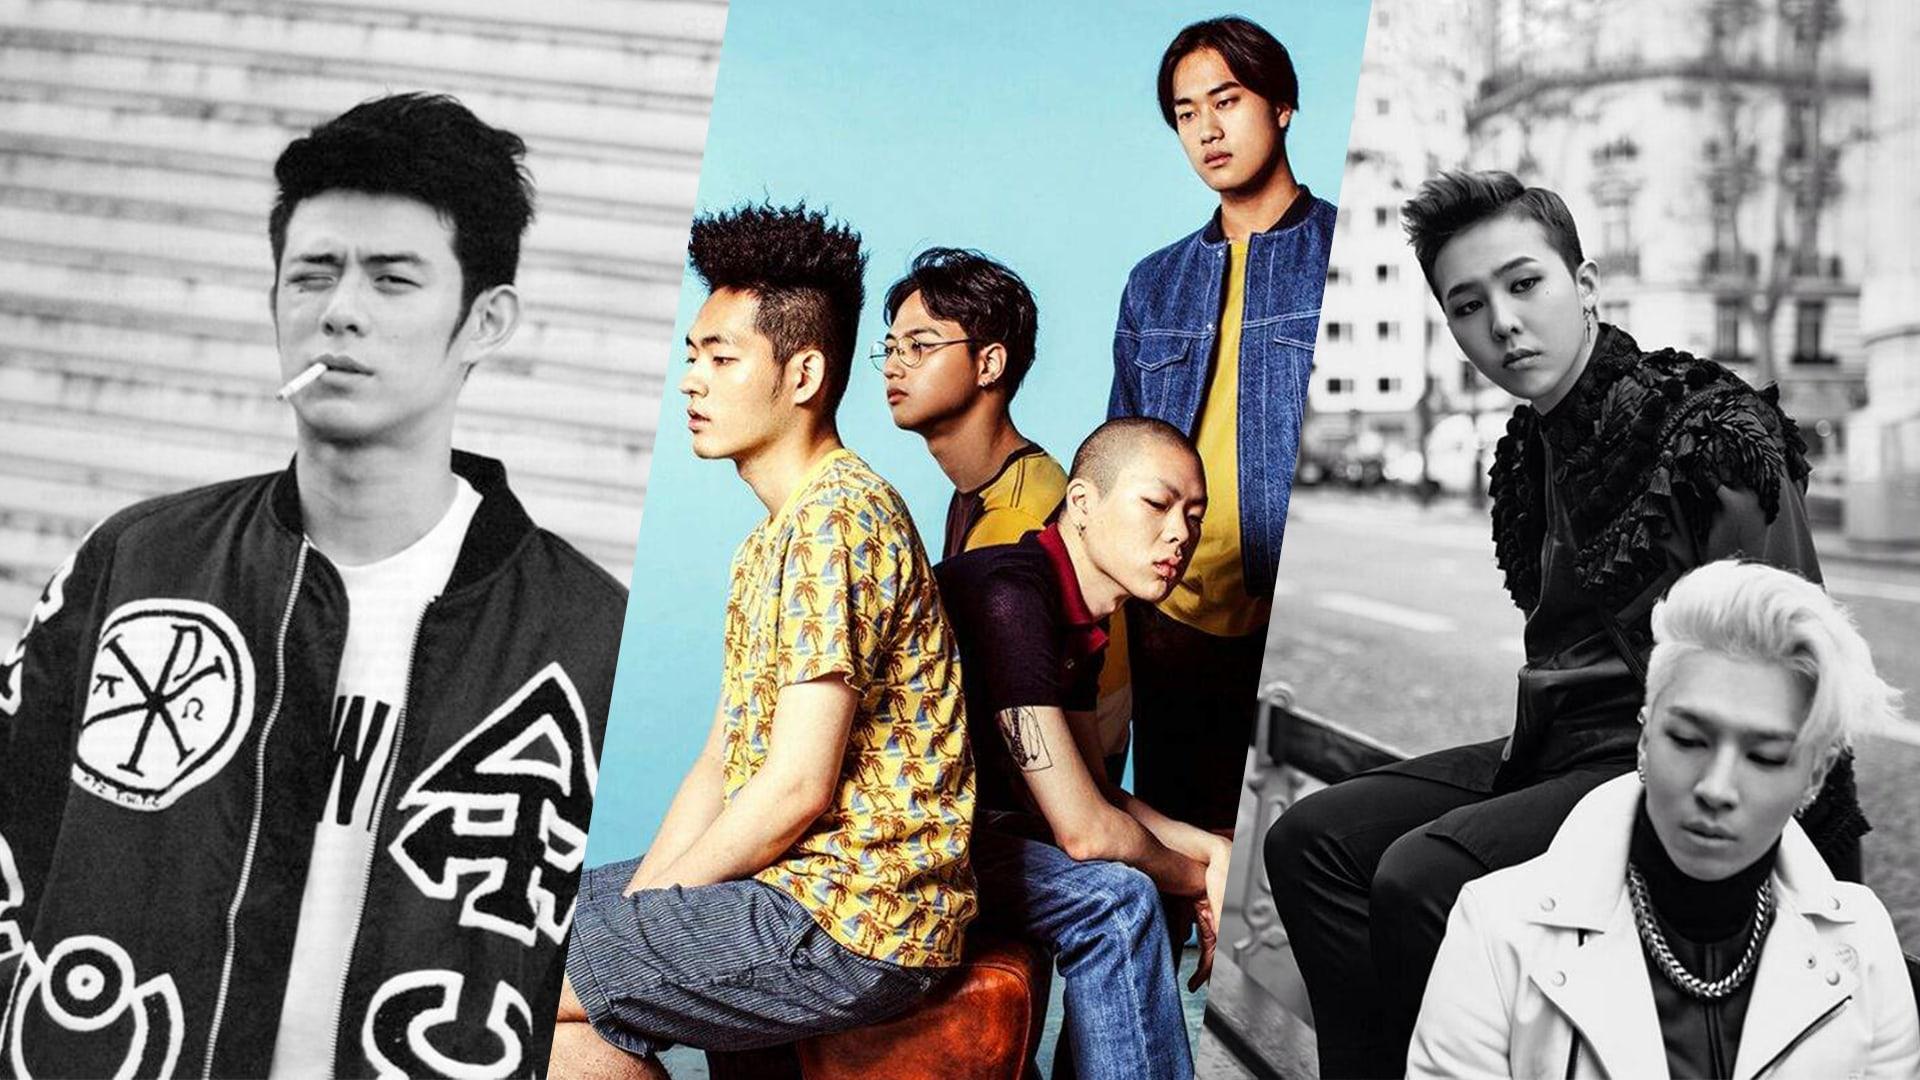 G-Dragon y Taeyang de BIGBANG, Beenzino, elogian y apoyan el nuevo álbum de Hyukoh